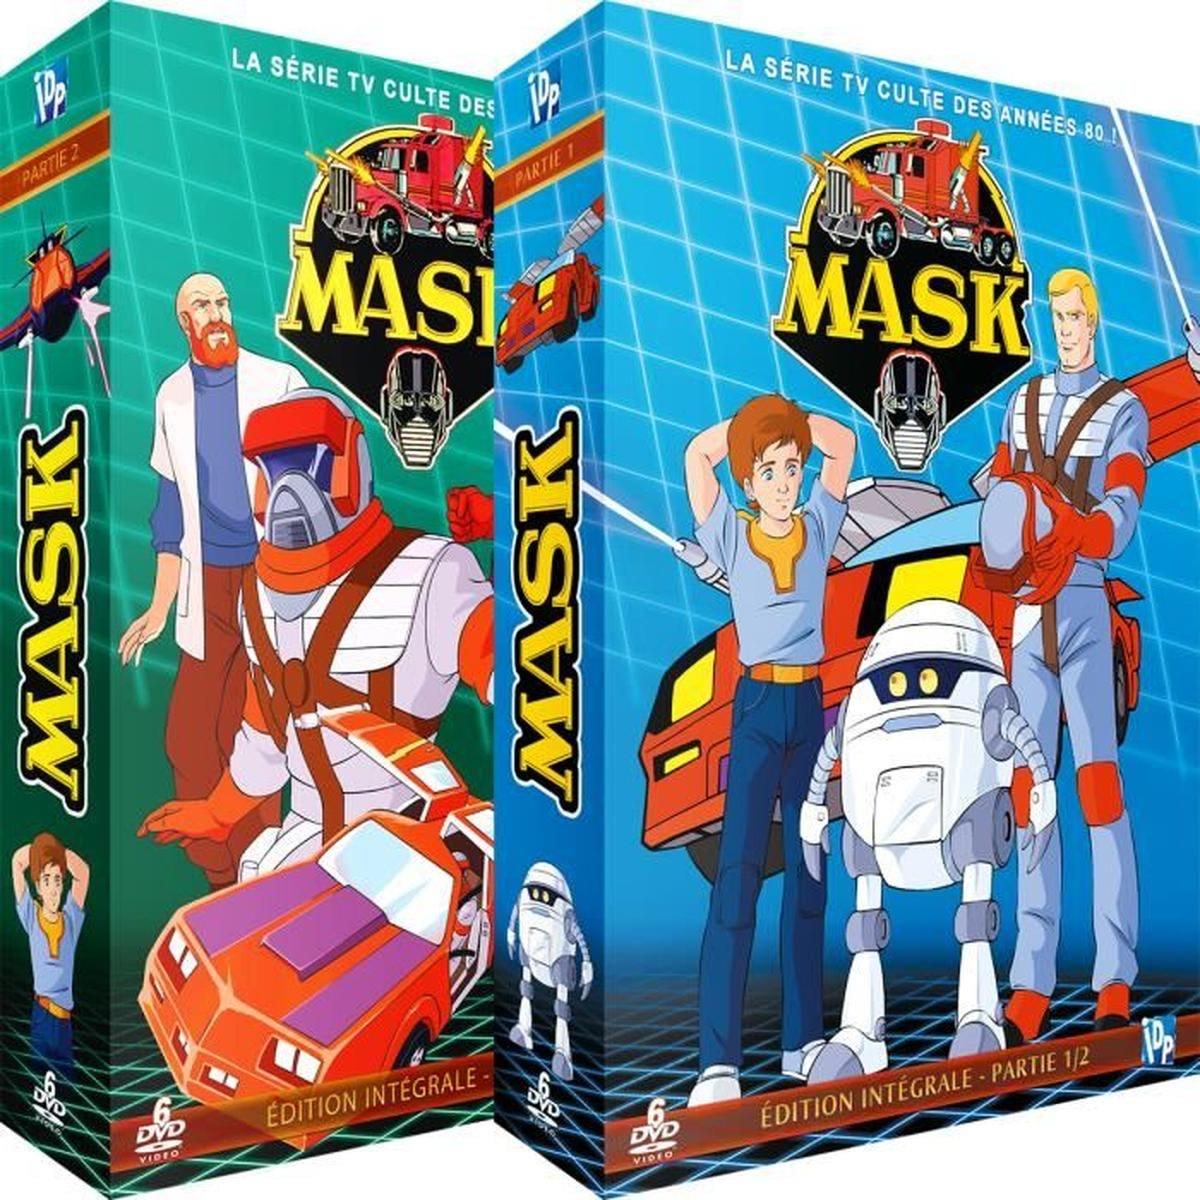 Coffret DVD Intégrale Mask (Dessin animé)